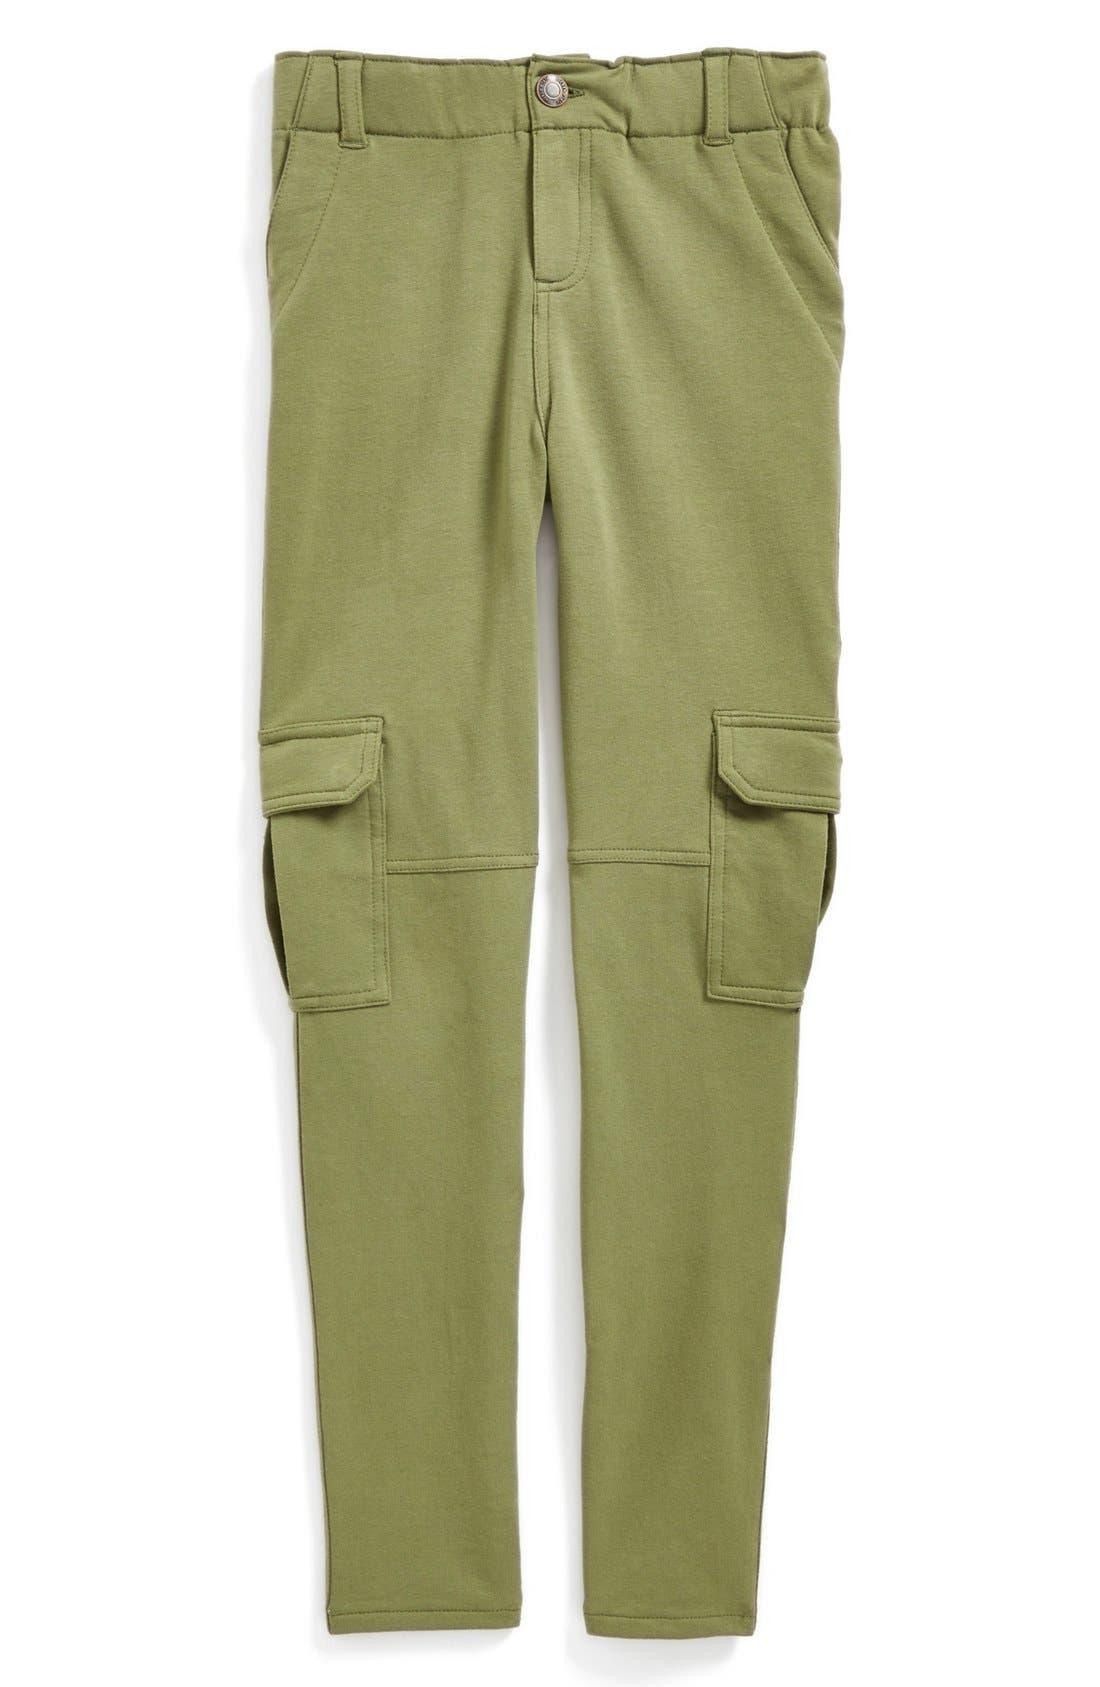 Alternate Image 2  - Tucker + Tate 'Ella' Knit Cargo Pants (Big Girls)